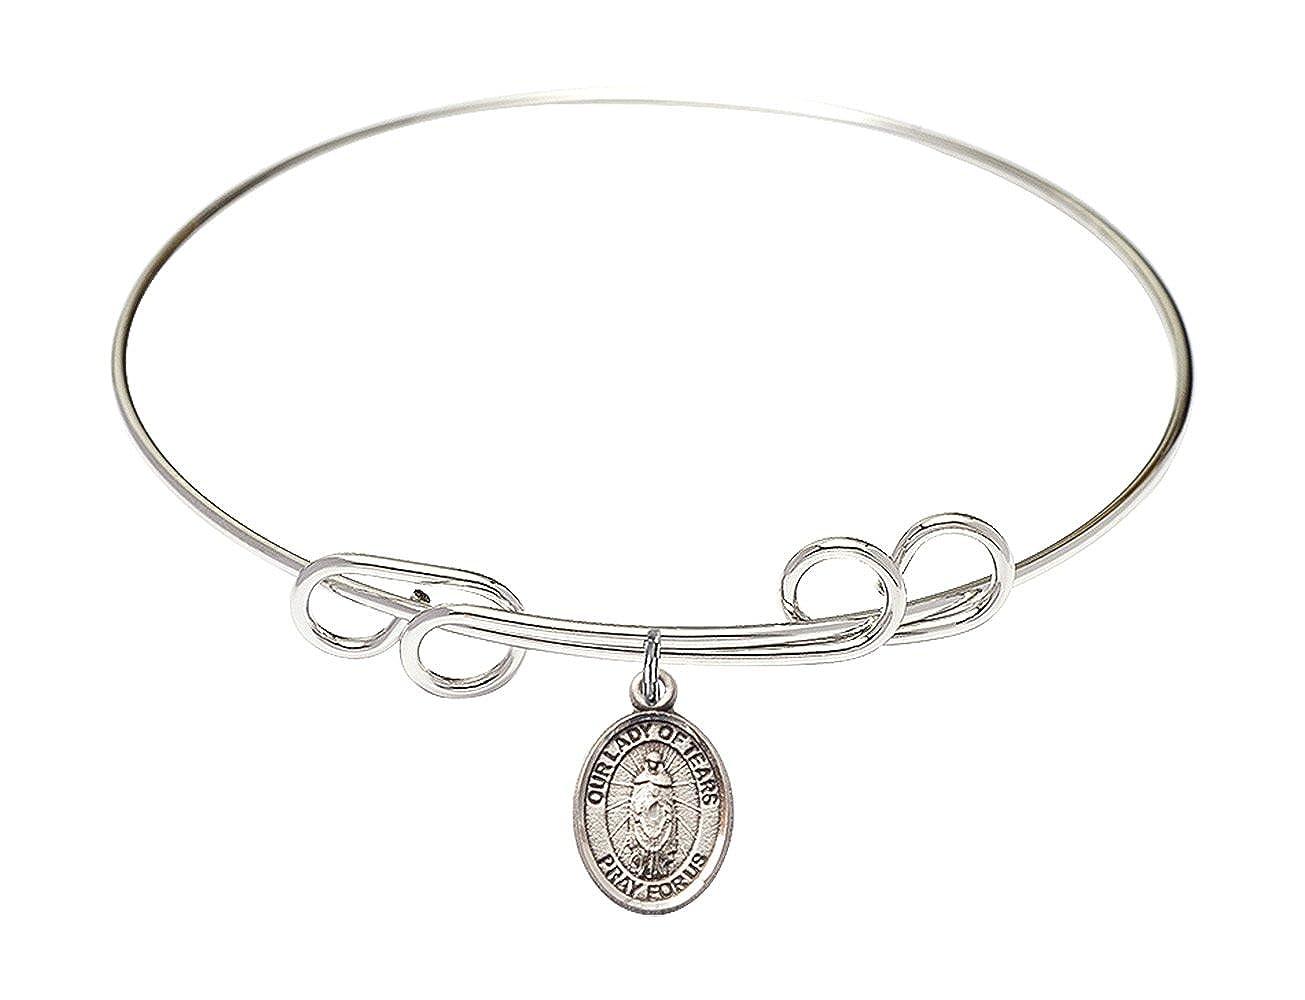 DiamondJewelryNY Double Loop Bangle Bracelet with a O//L of Tears Charm.